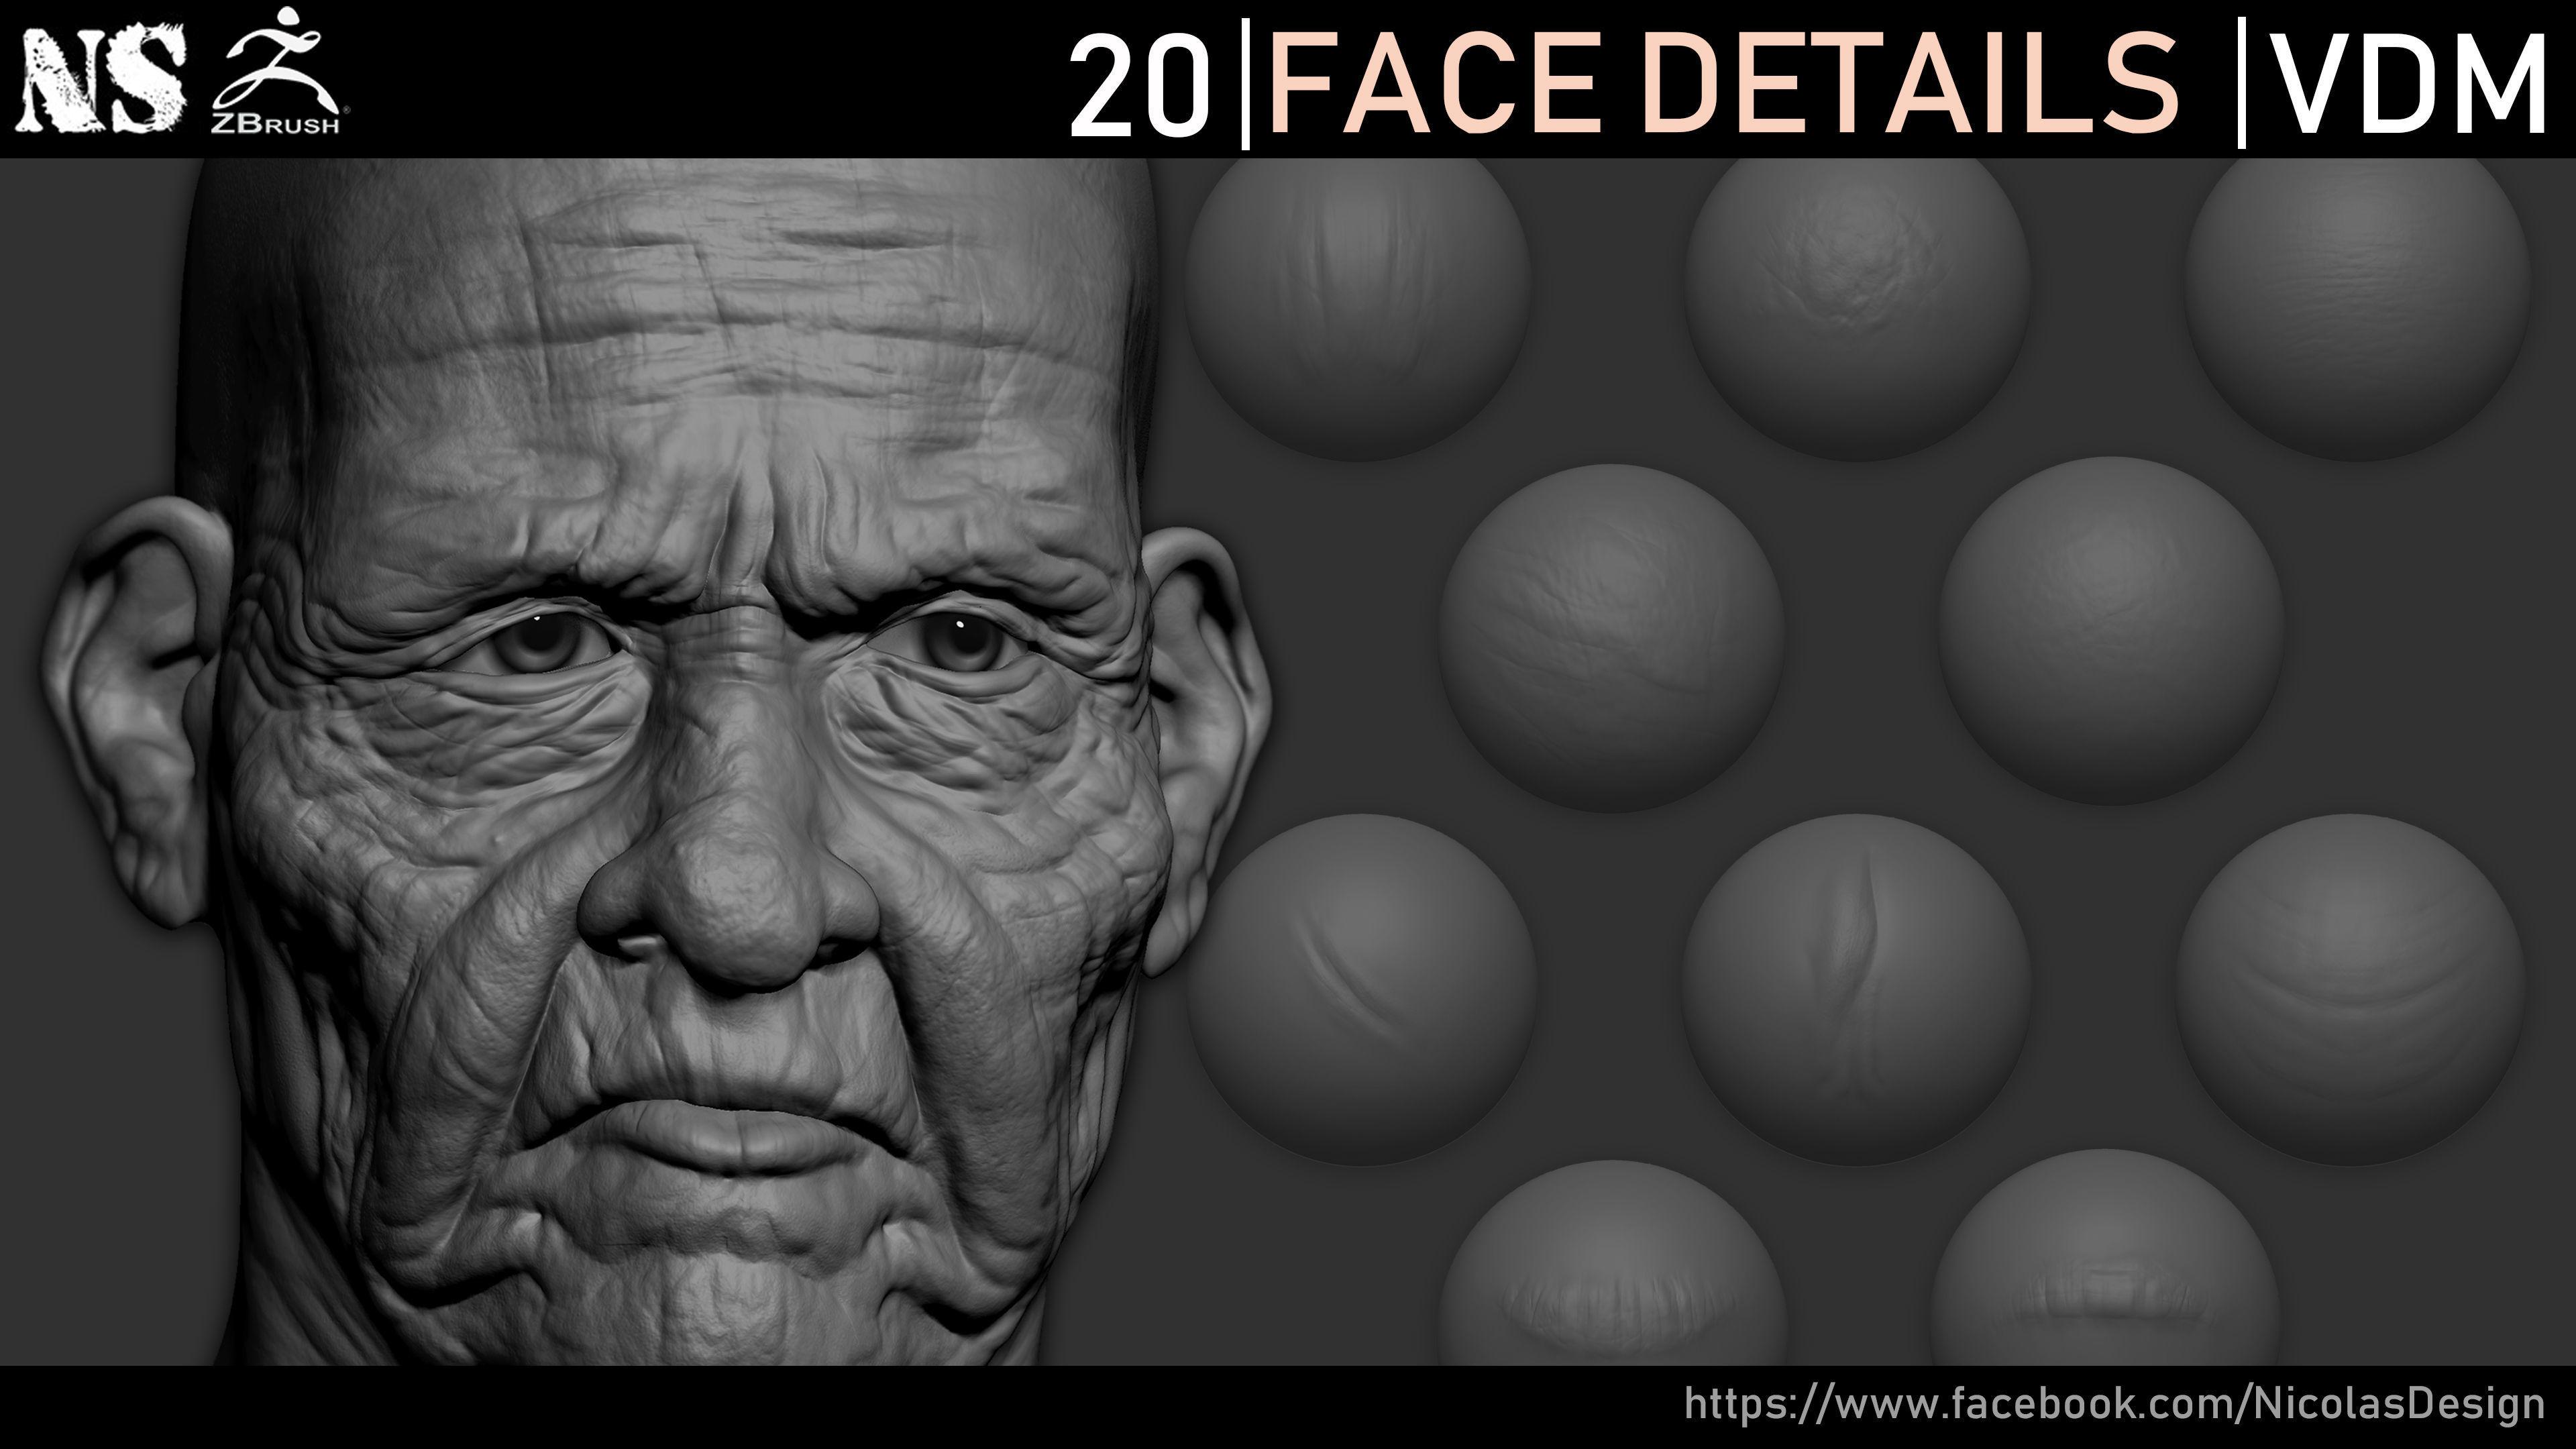 Zbrush - Face Details VDM Brush